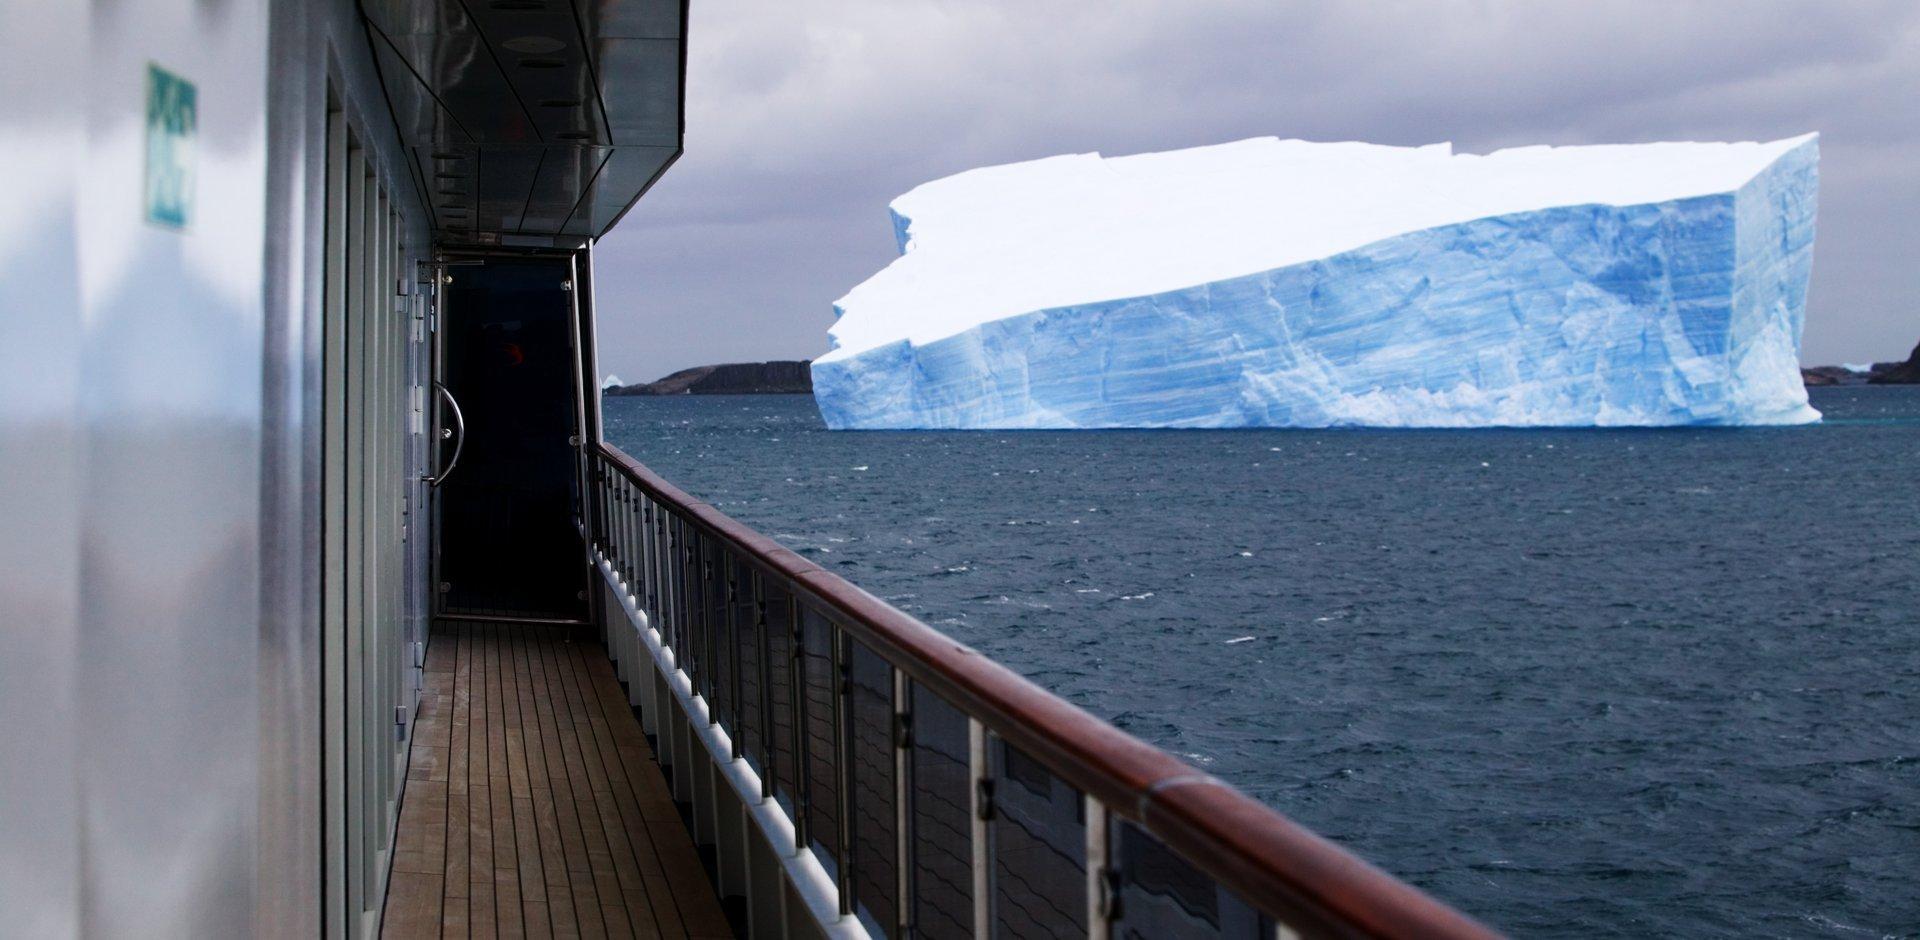 [Перевод] Радикально новая схема предотвращения катастрофического повышения уровня моря